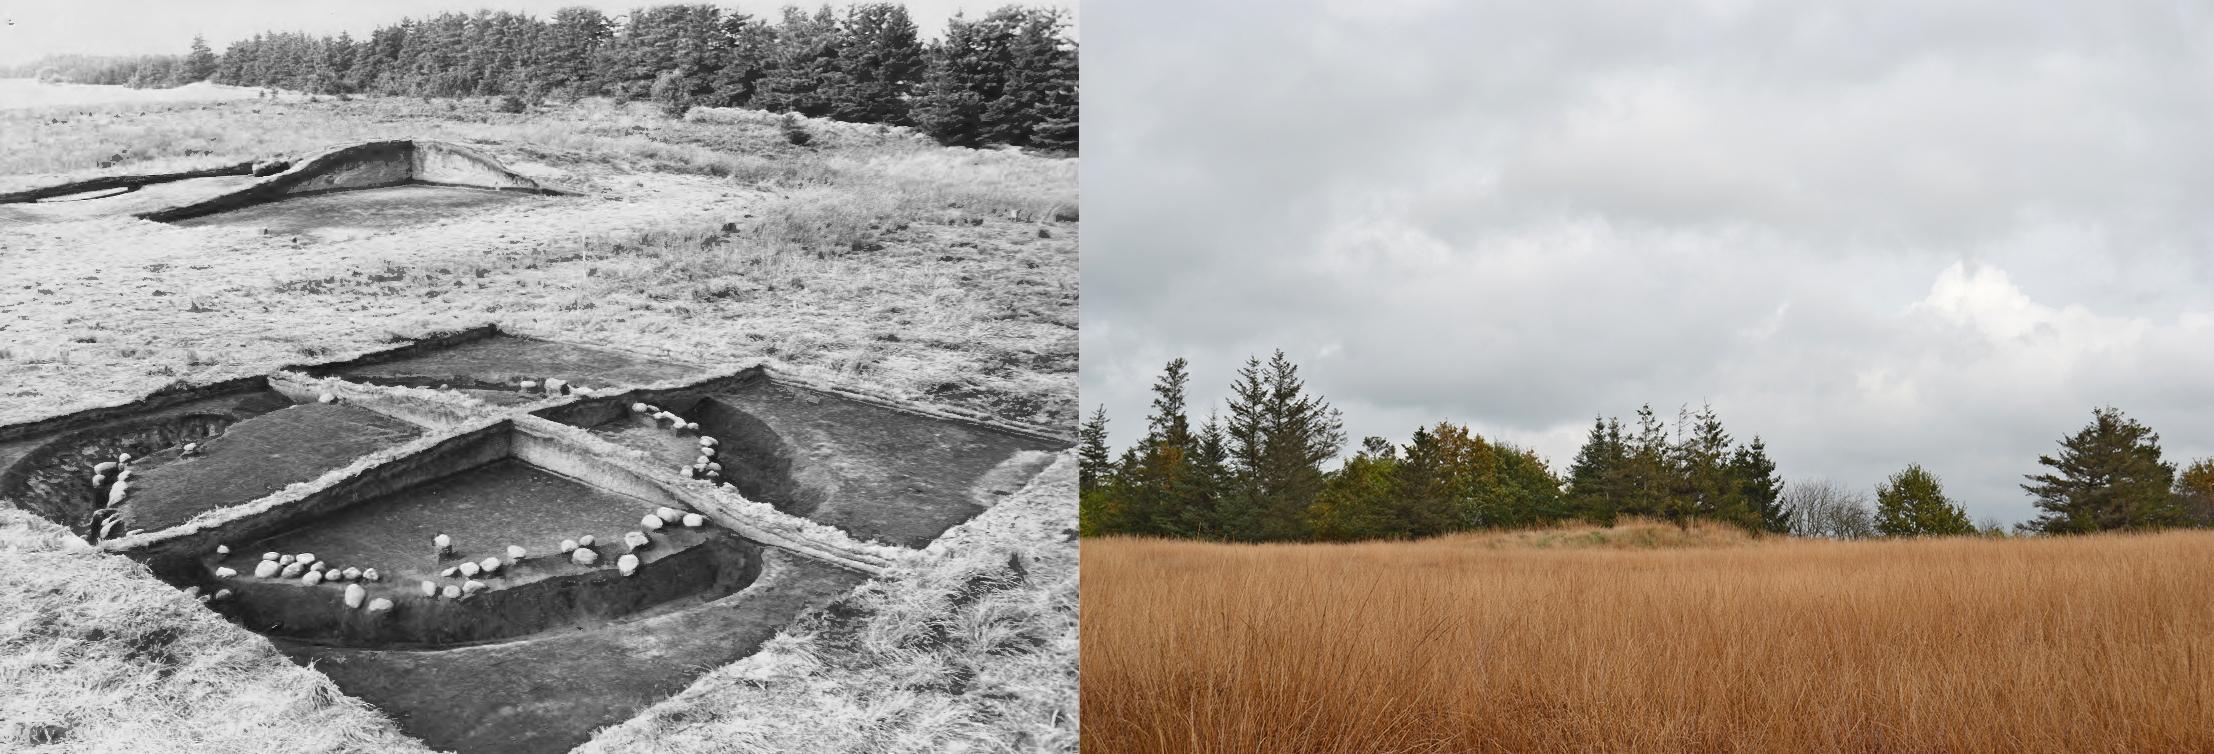 aarupgaard-urnfield